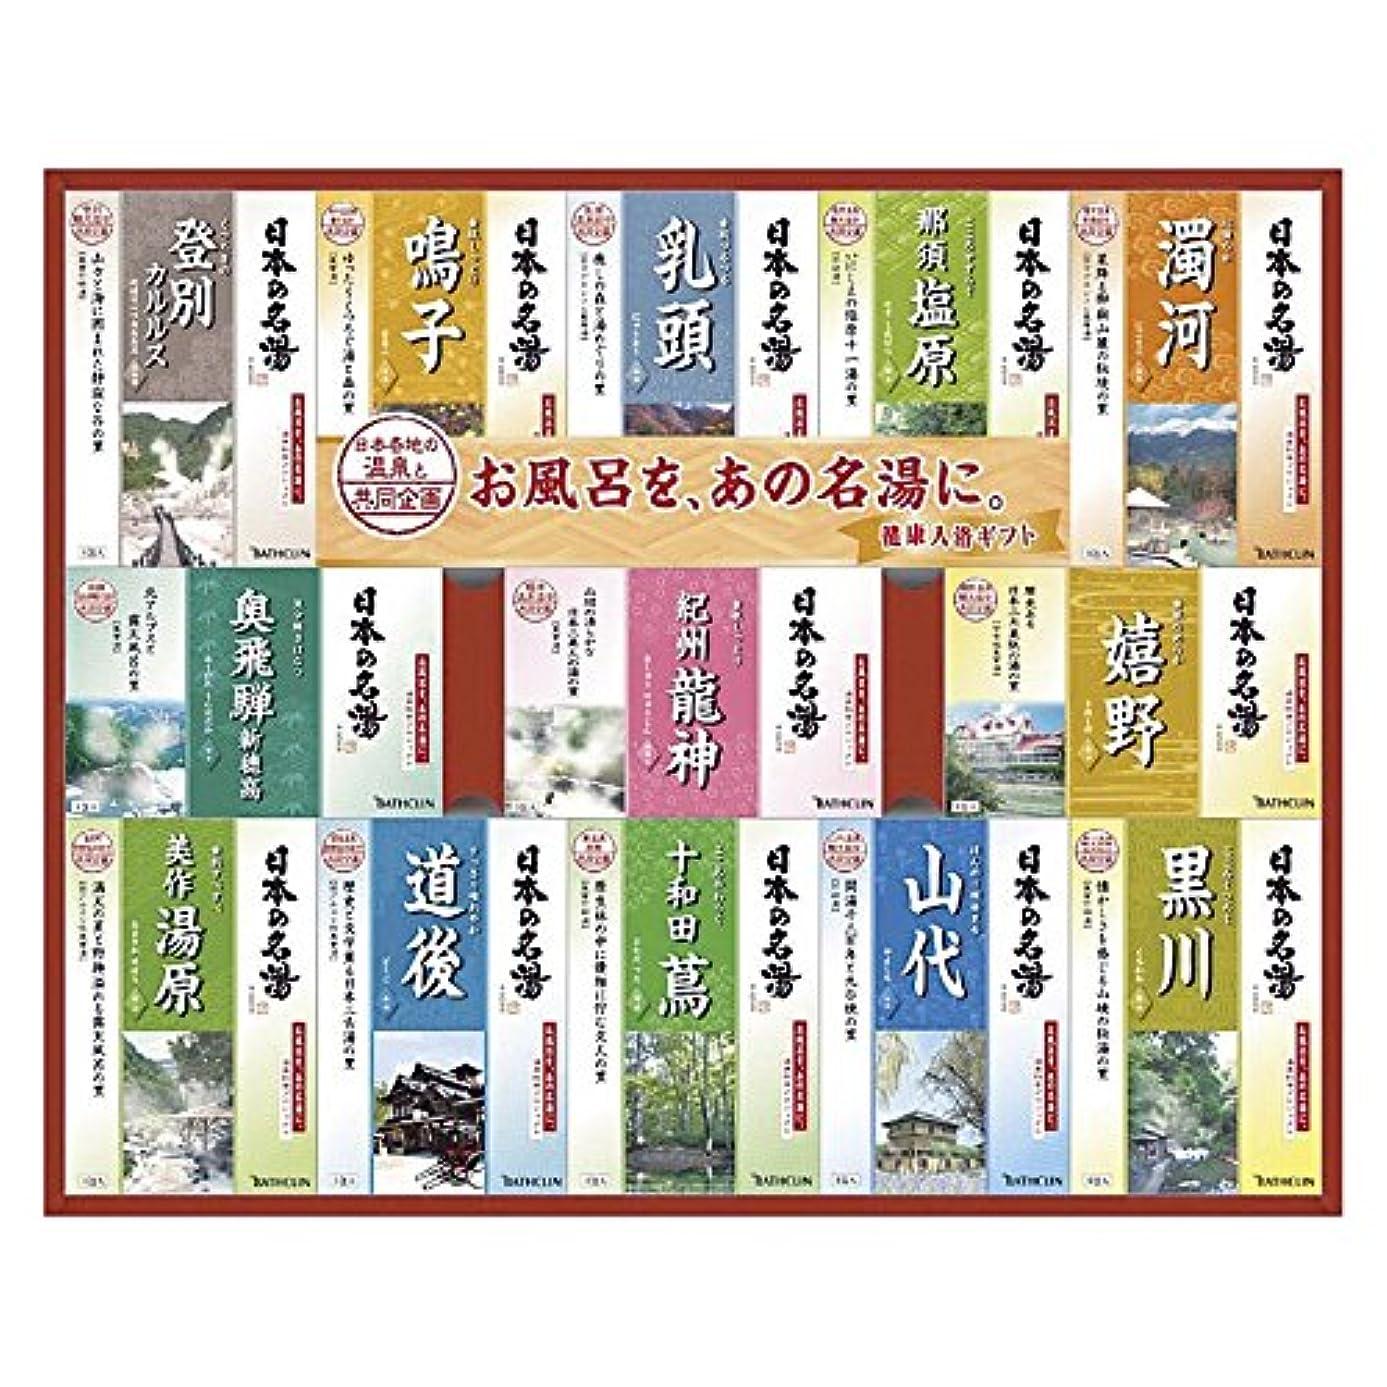 軍大胆なラビリンスバスクリン 日本の名湯 ギフトセット 【保湿 ギフト 温泉 発汗 セット あったまる いろいろ うるおい うるおう しっとり すべすべ はっかん 極楽 ごくらく ゆったり ばすくりん 5000】